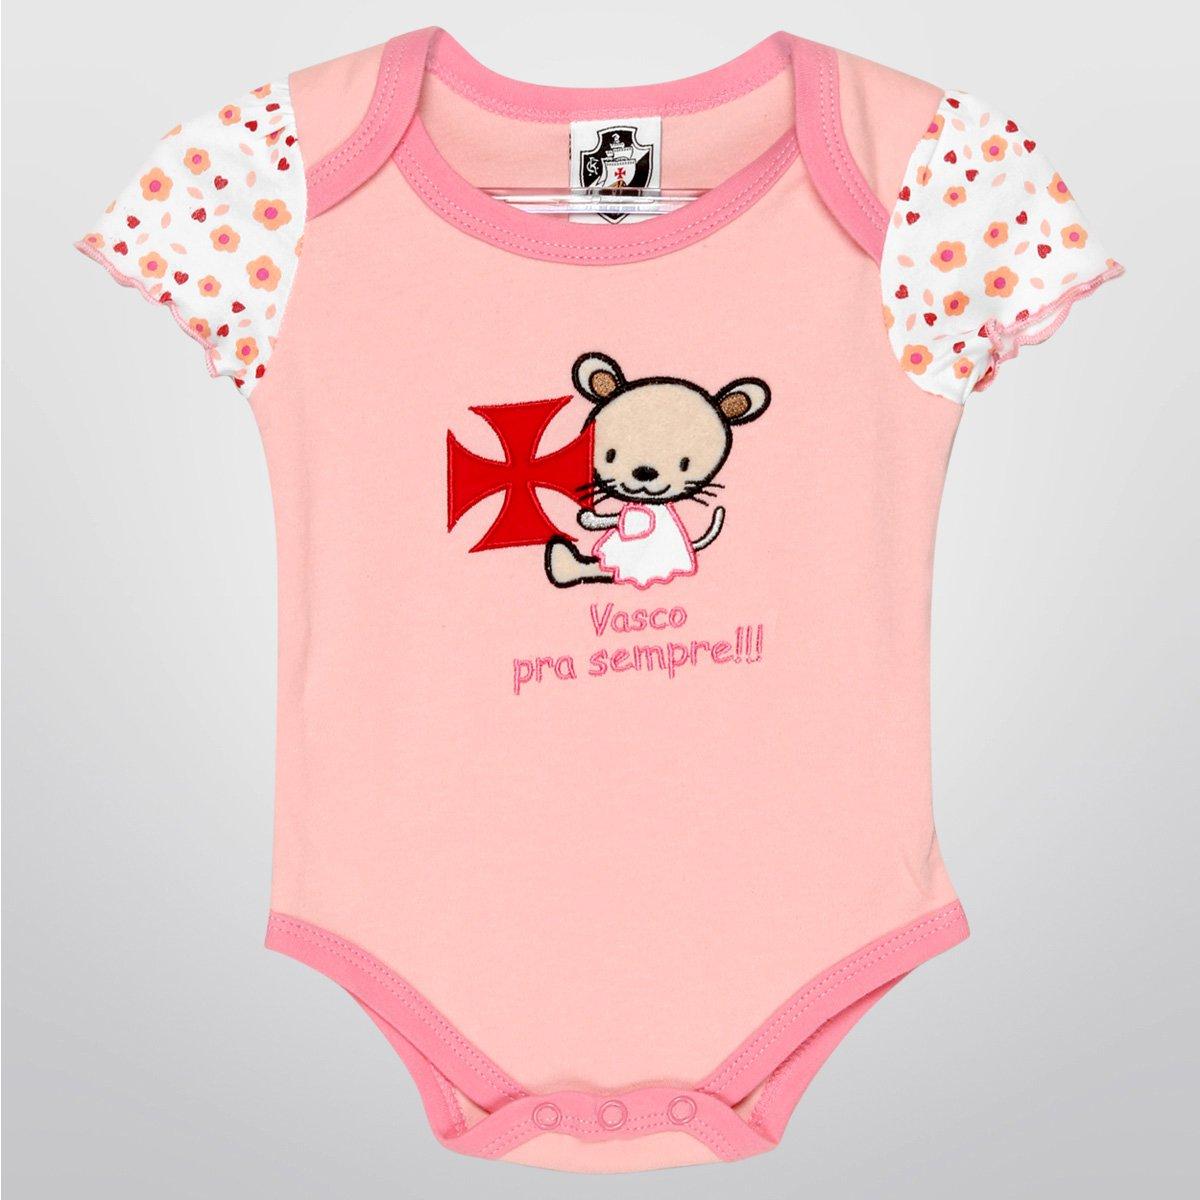 Body Vasco Bebê Infantil - Compre Agora  6b7eac7915cd6